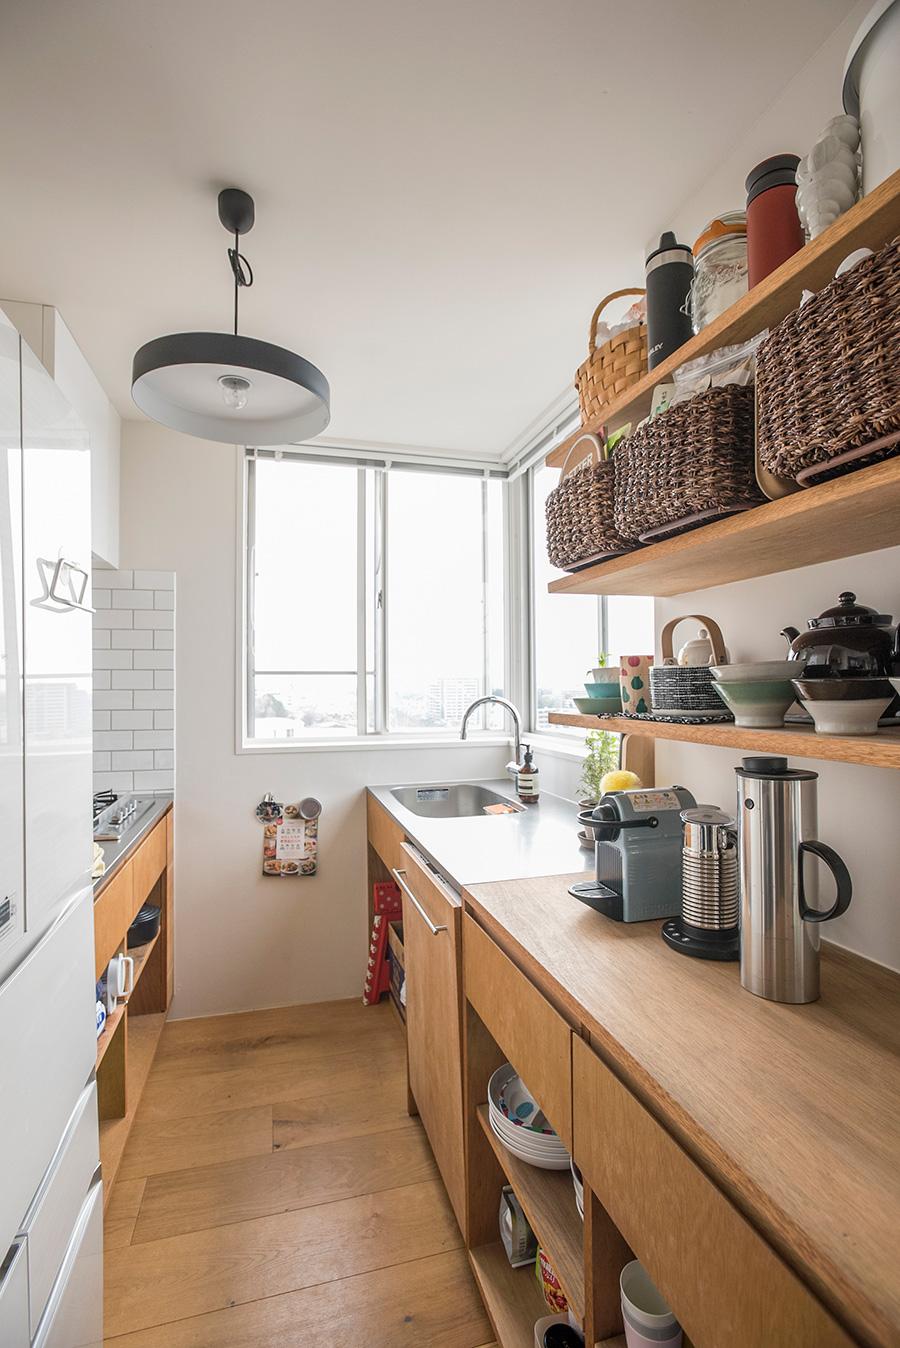 「木とステンレスで統一したかった」というキッチン。シンクやキッチン台の下は、使いやすいようにあえて扉をつけずざっくりと。